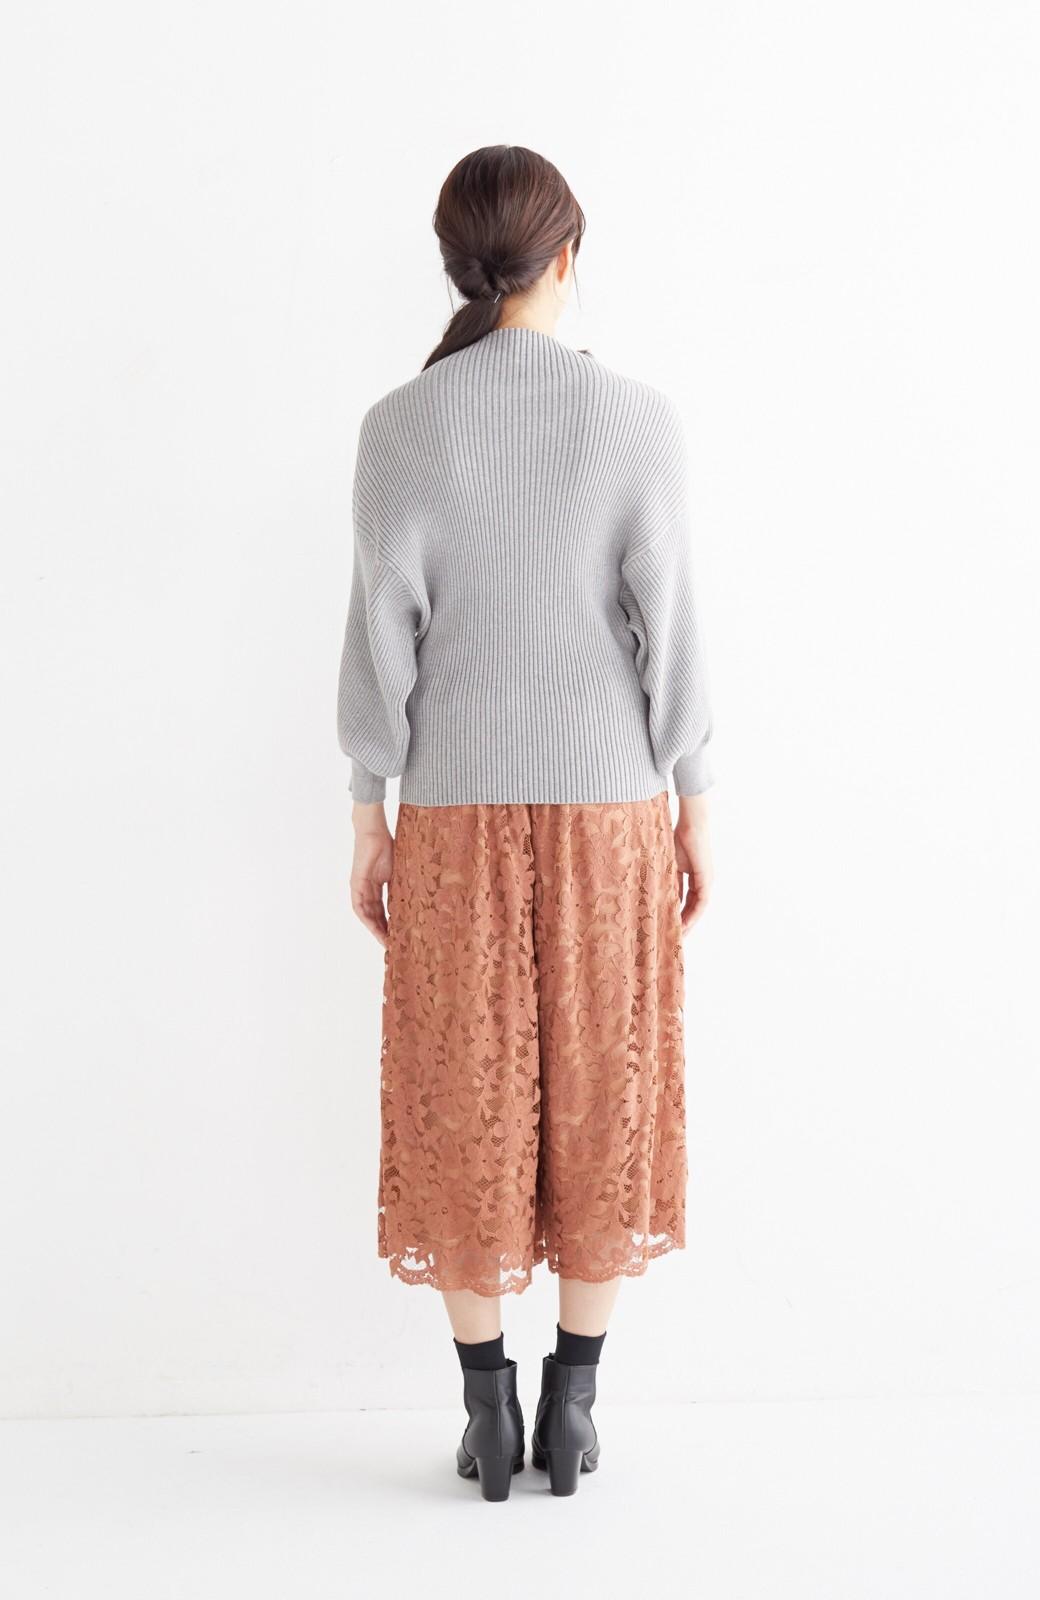 エムトロワ PBP 素肌に贅沢 カシミア混のオーガニックコットン袖ぷっくりリブニット <杢グレー>の商品写真9